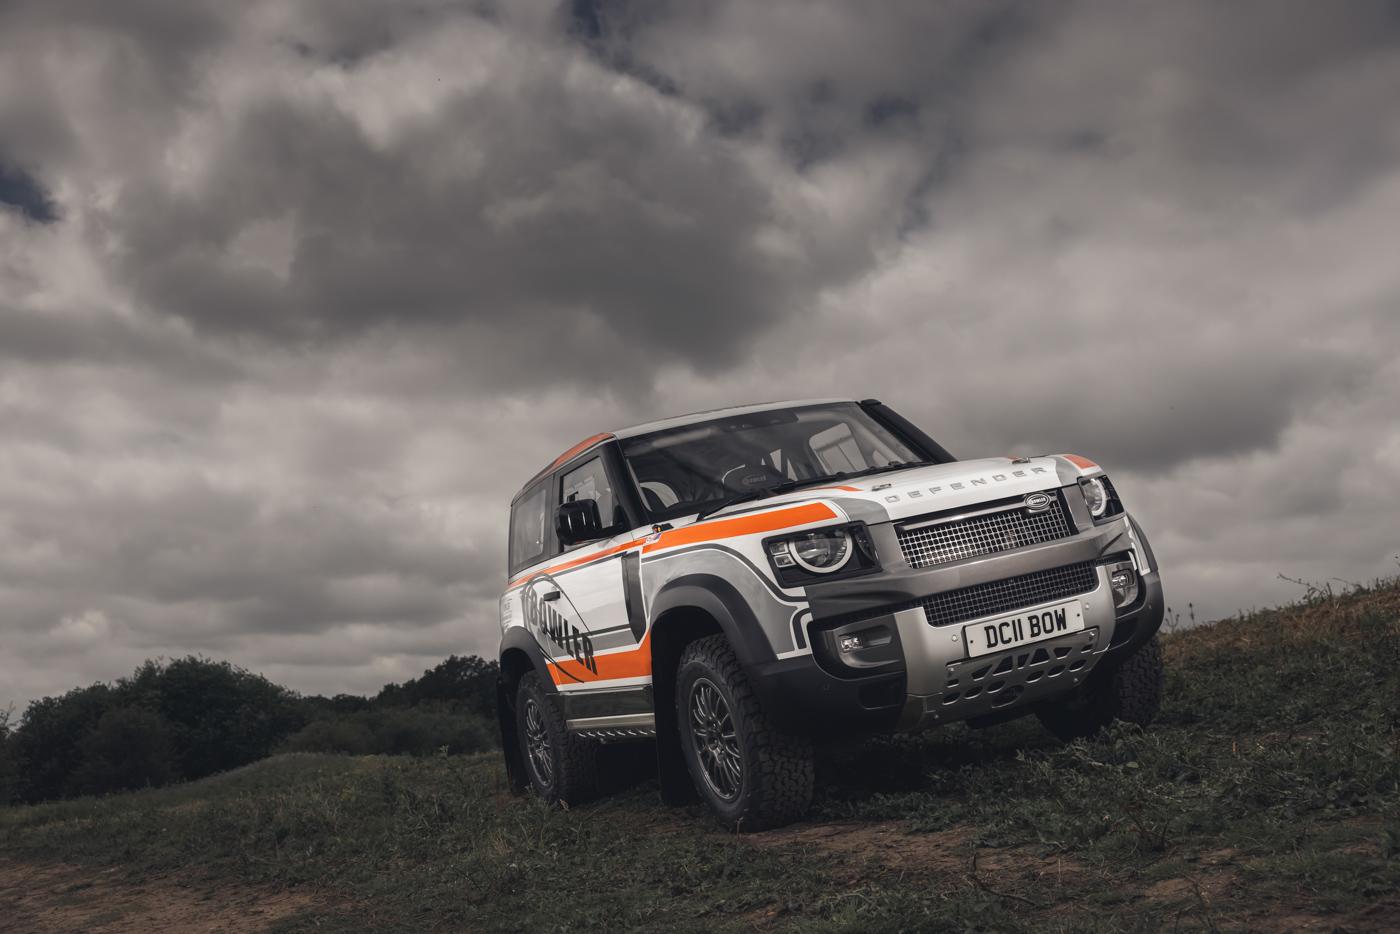 Land-Rover-hợp-tác-cùng-Bowler-ra-mắt-phiên-bản-đua-địa-hình-của-Defender-31.jpg